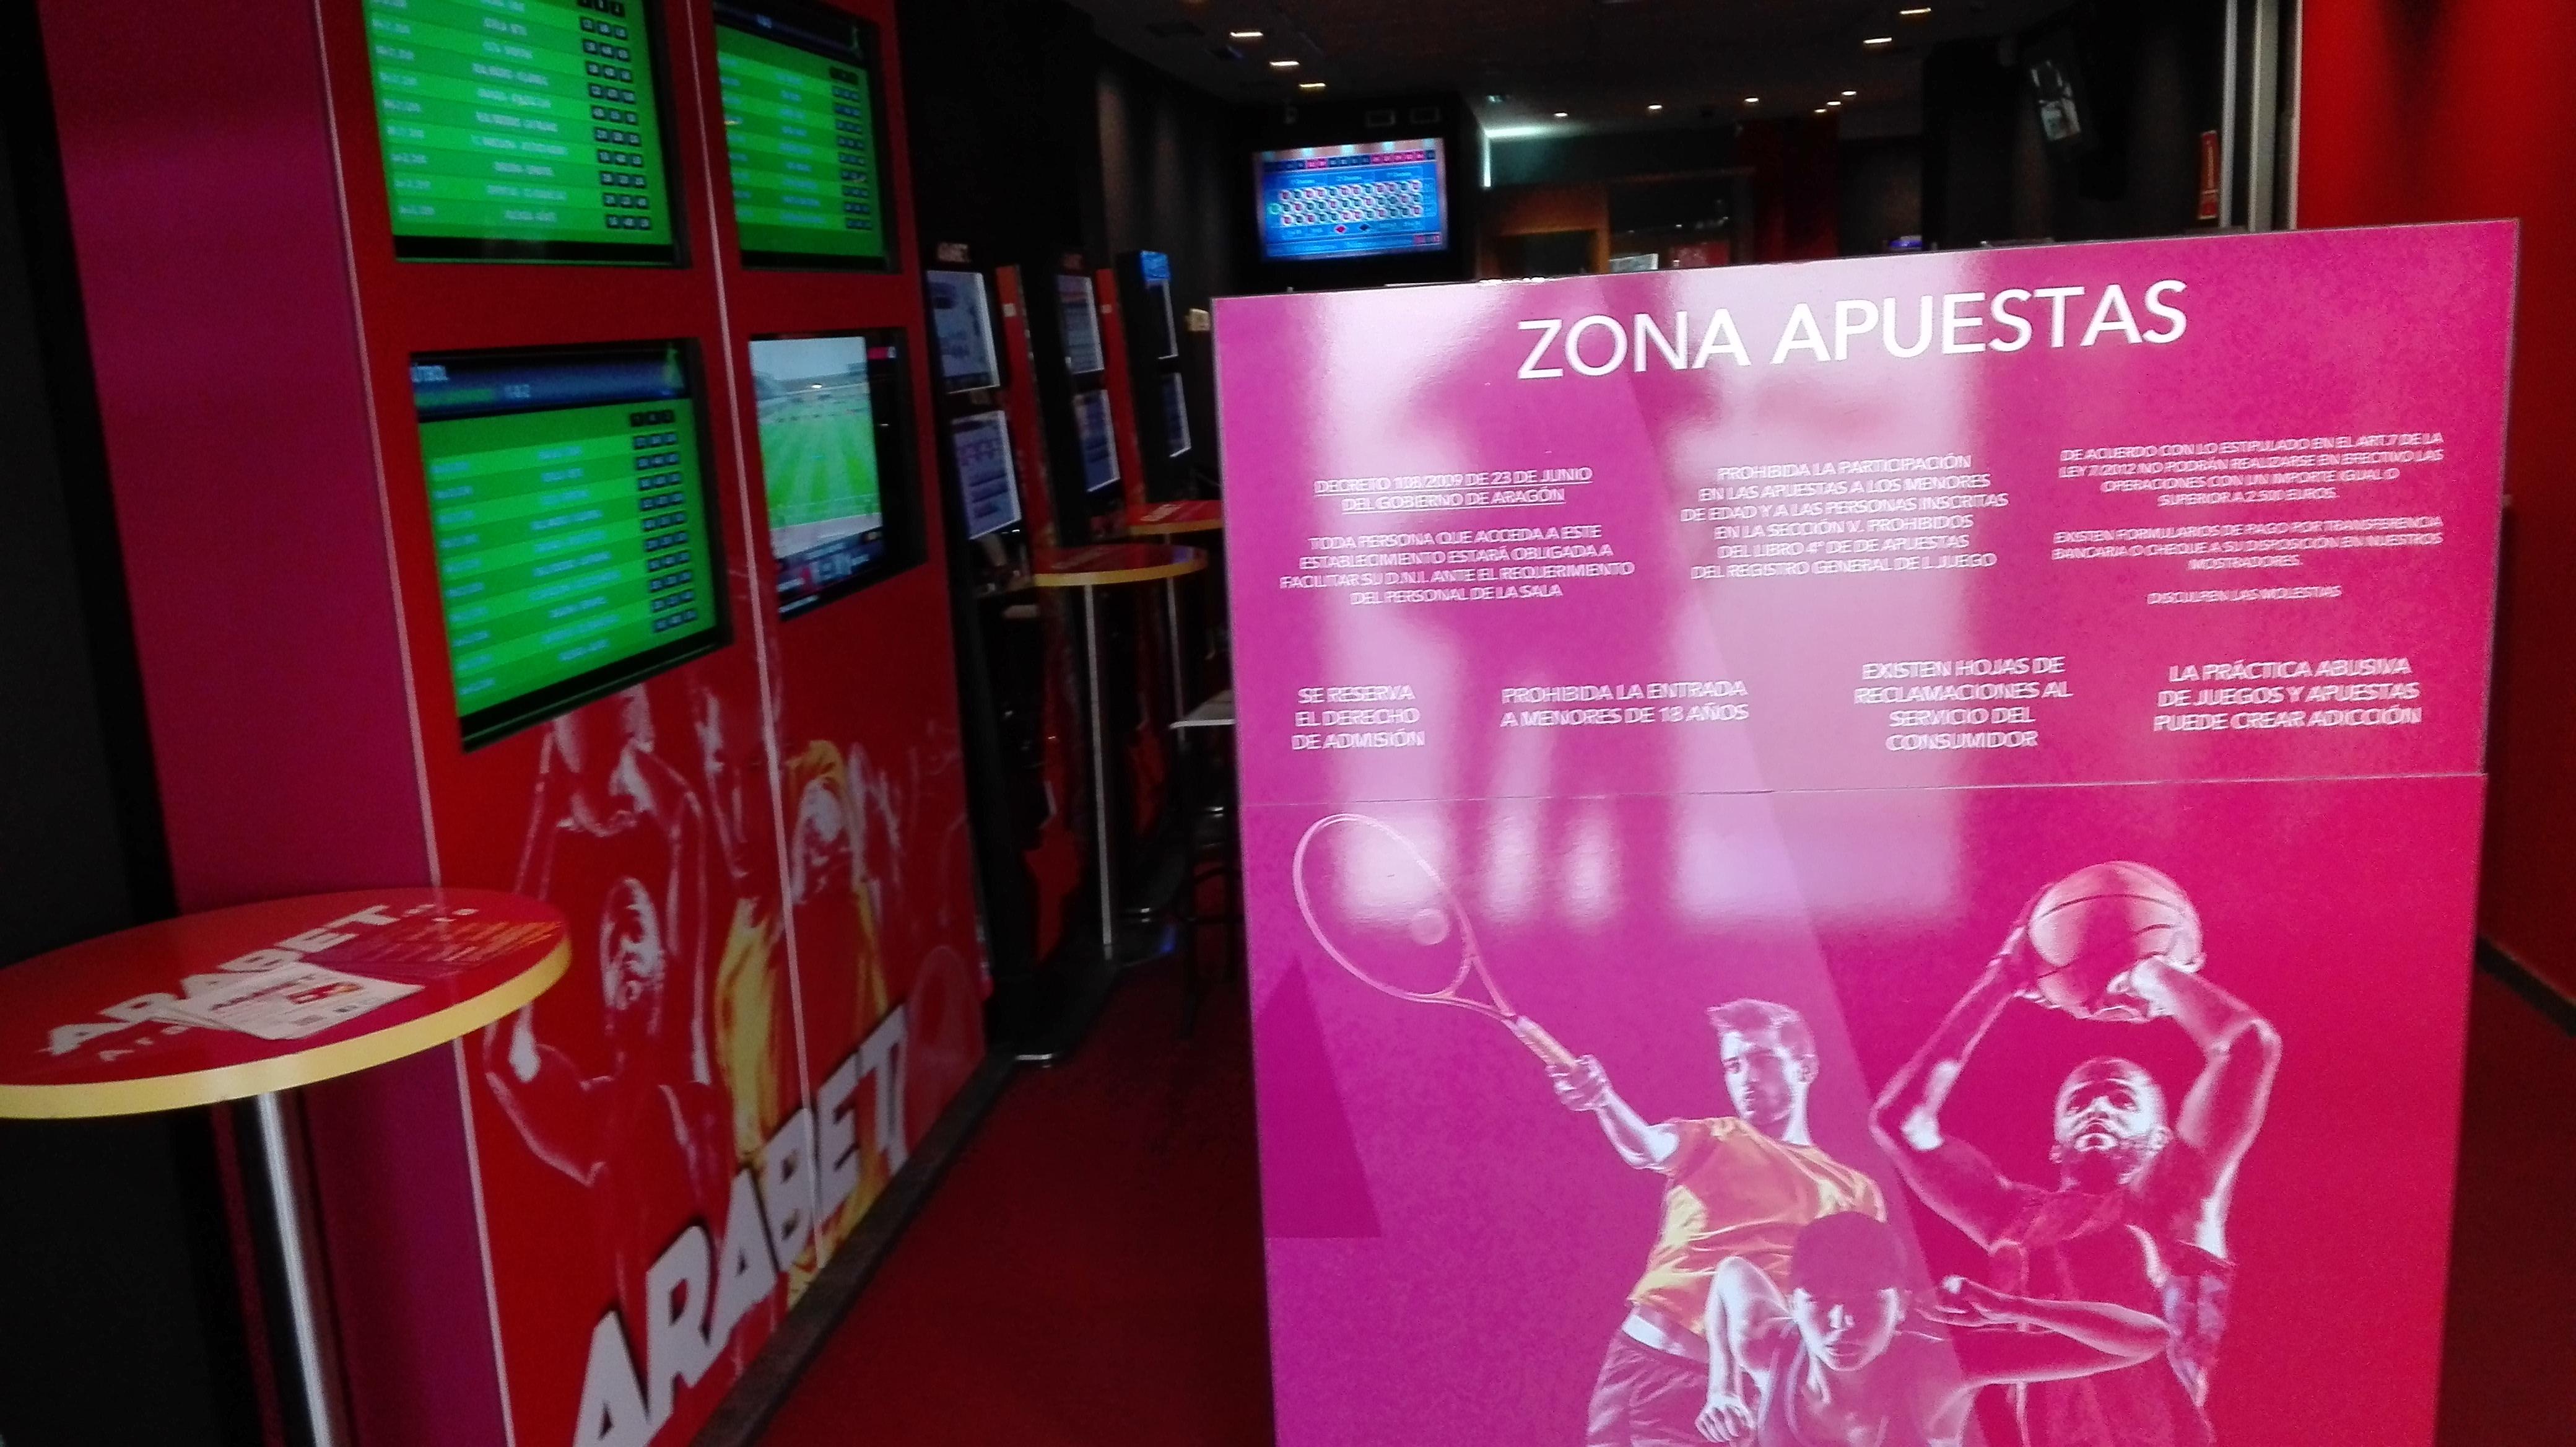 apuestas-deportivas-royal-delicias-zaragoza-arabet-5